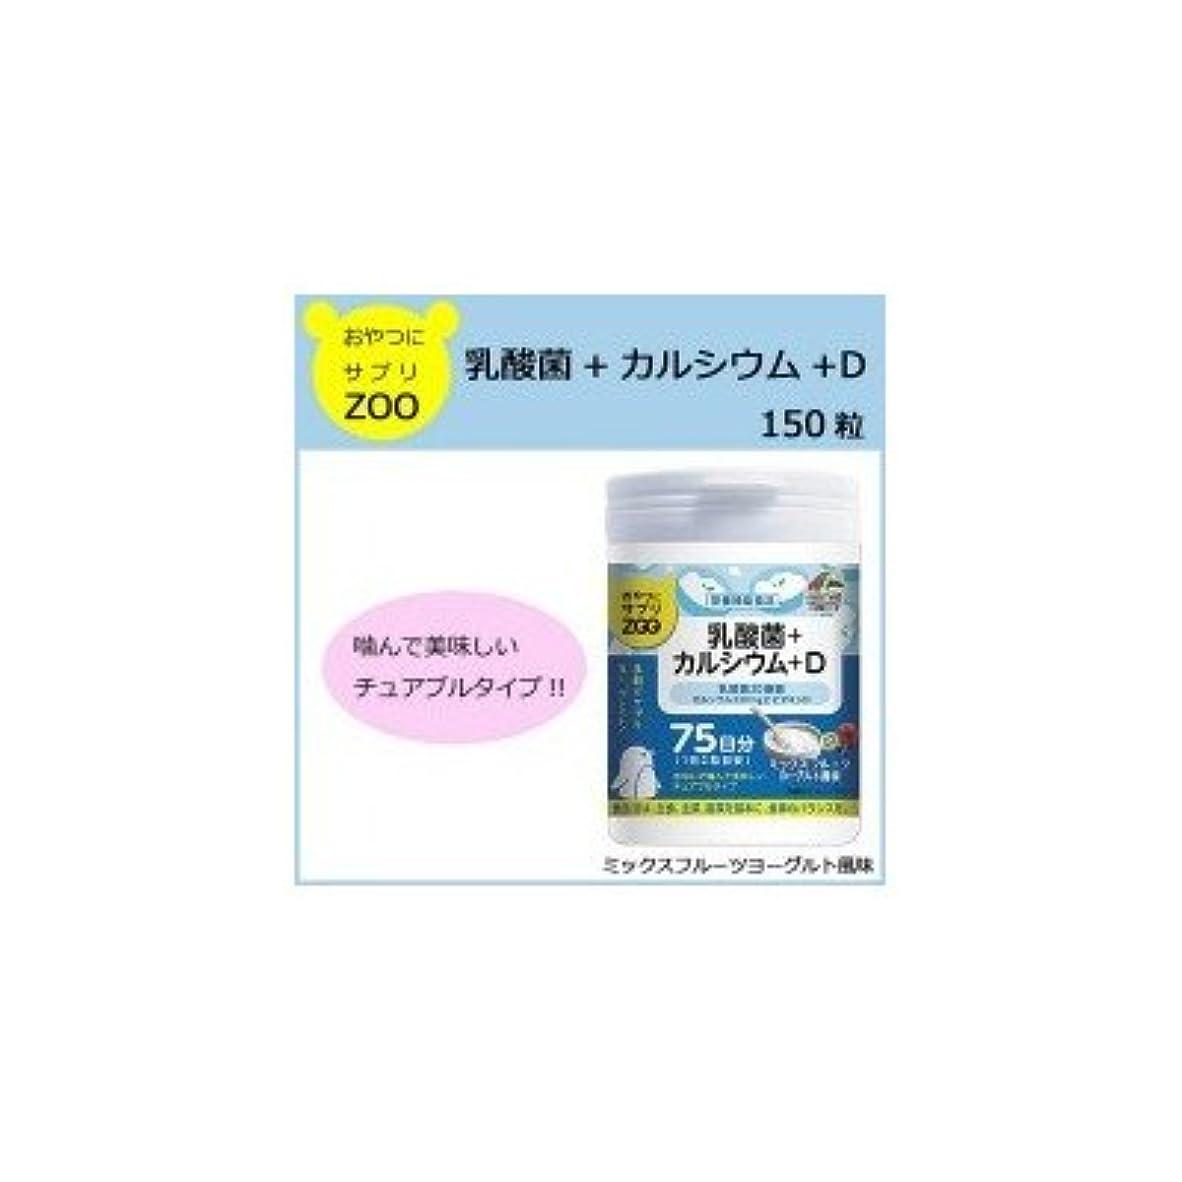 ラップうまくやる()バンユニマットリケン おやつにサプリZOO 乳酸菌+カルシウム+D 150粒